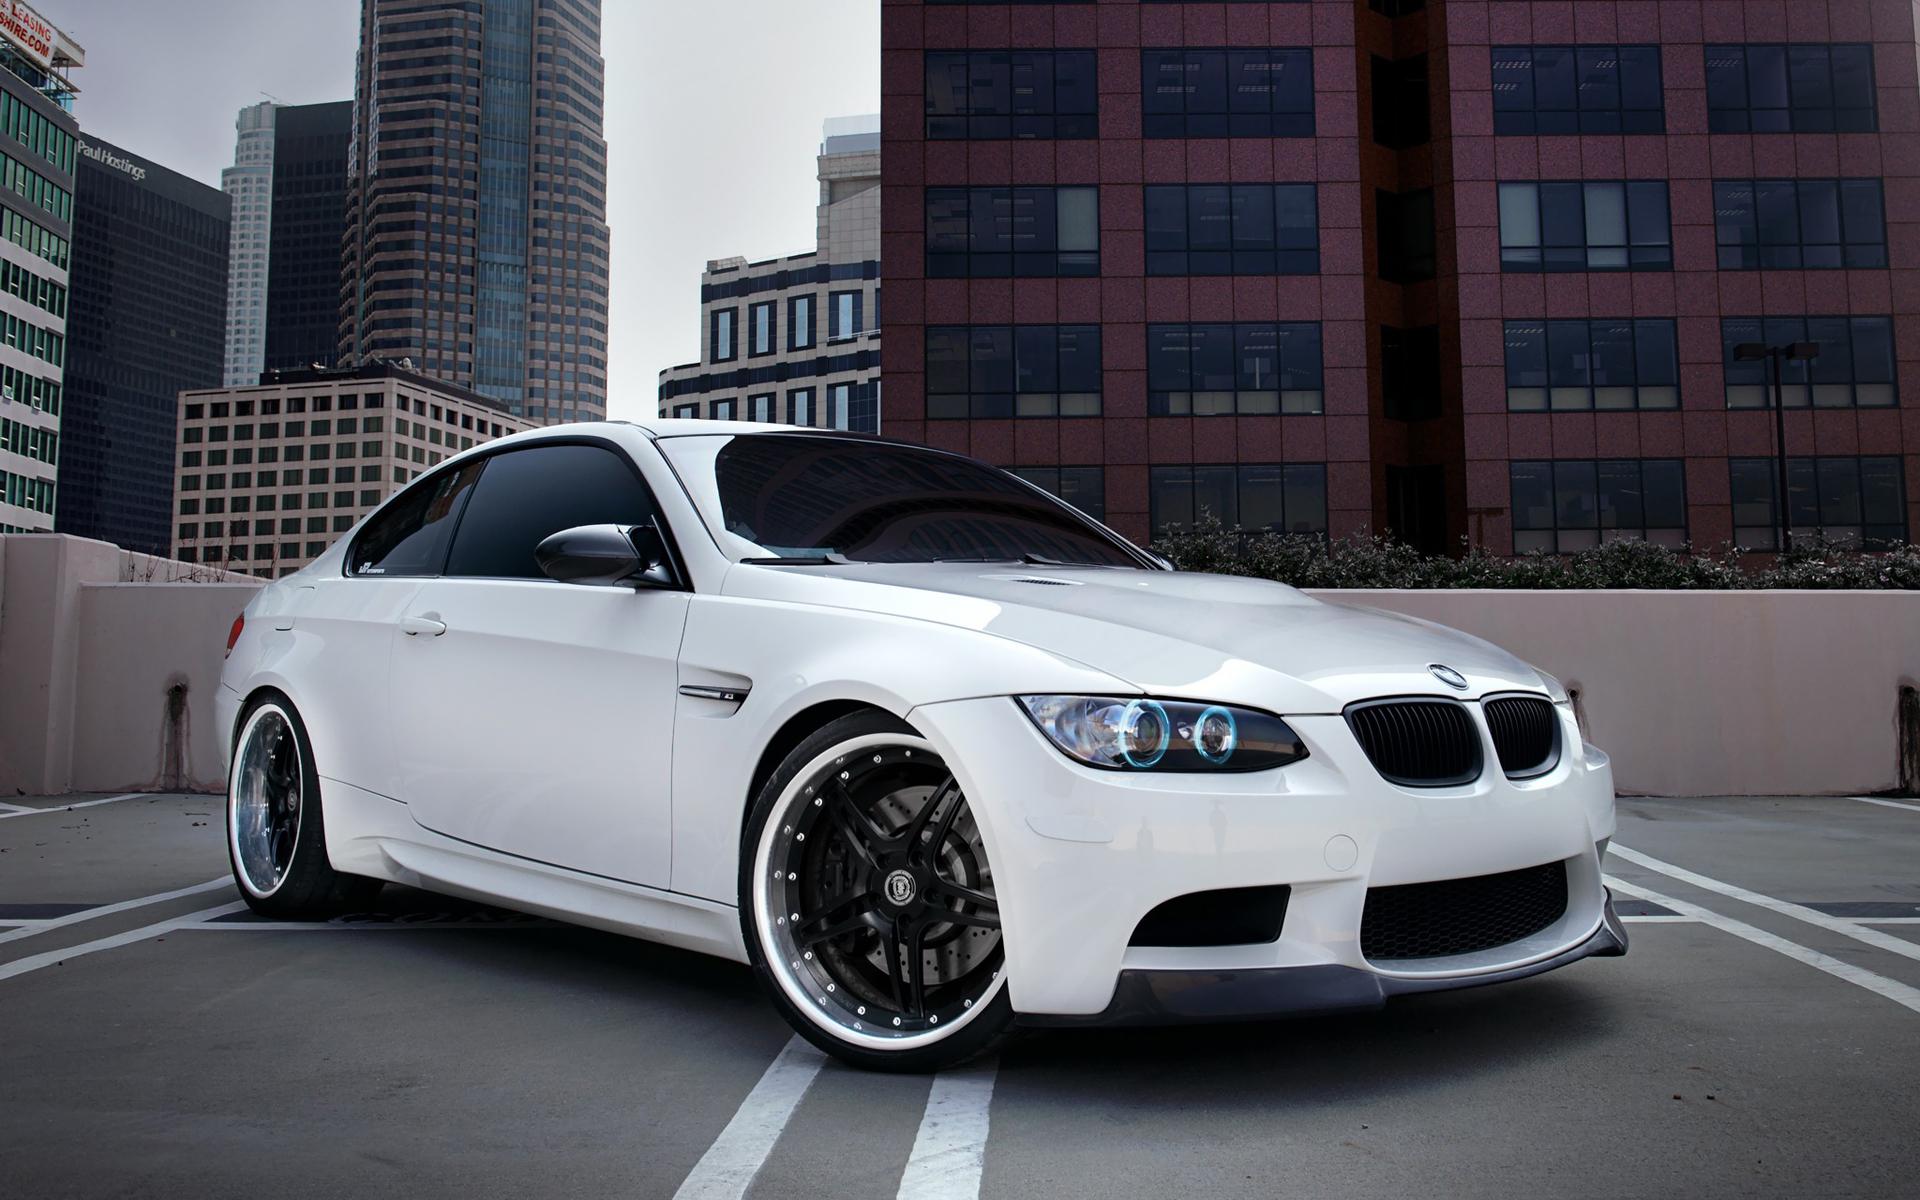 BMW BMW M3 1920x1200 hdweweb4com 1920x1200